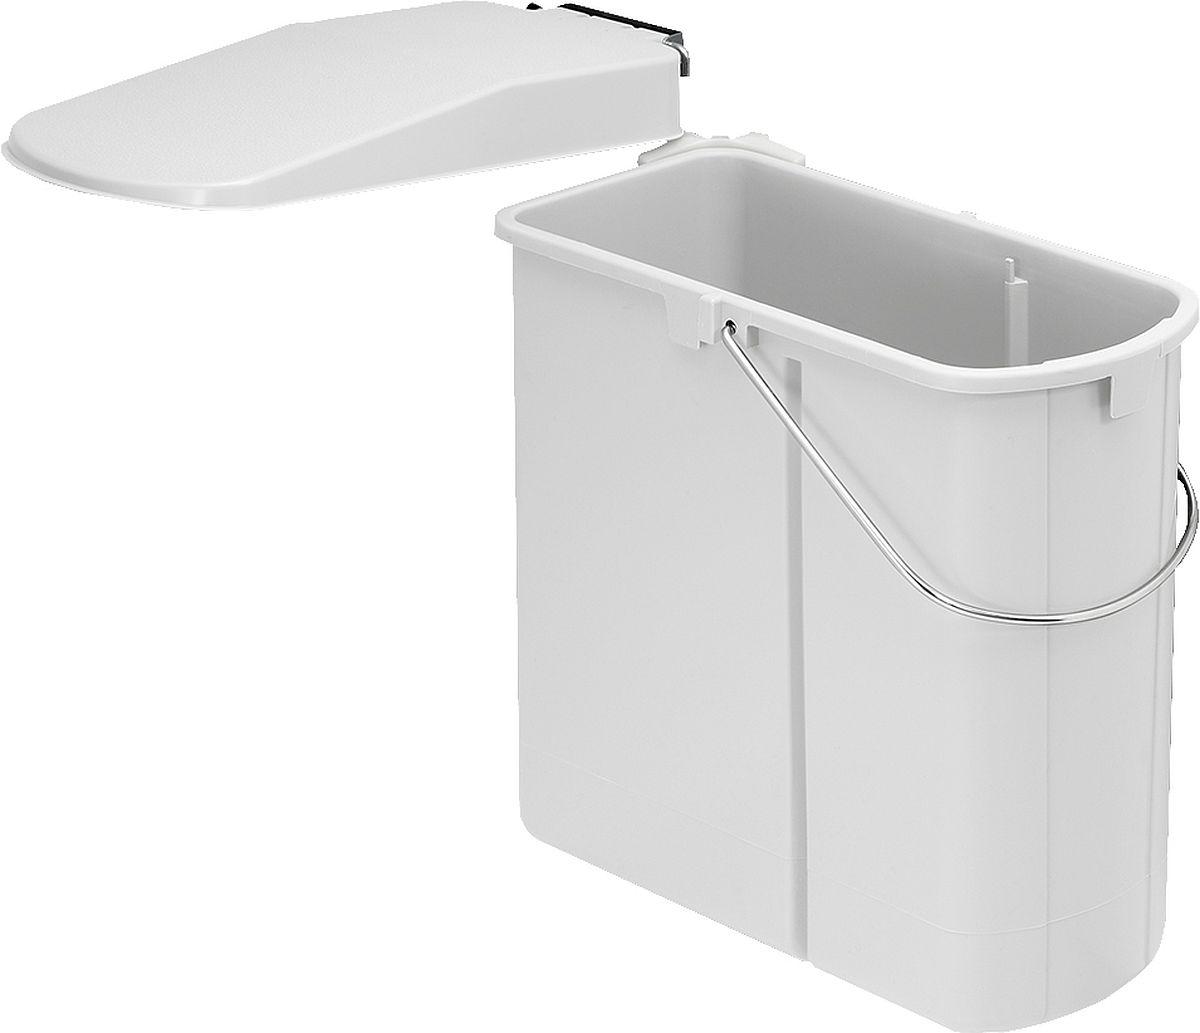 Wesco flach Einbau Abfallsammler Mülltrenner Abfalleimer Abfallsystem Küche  19L